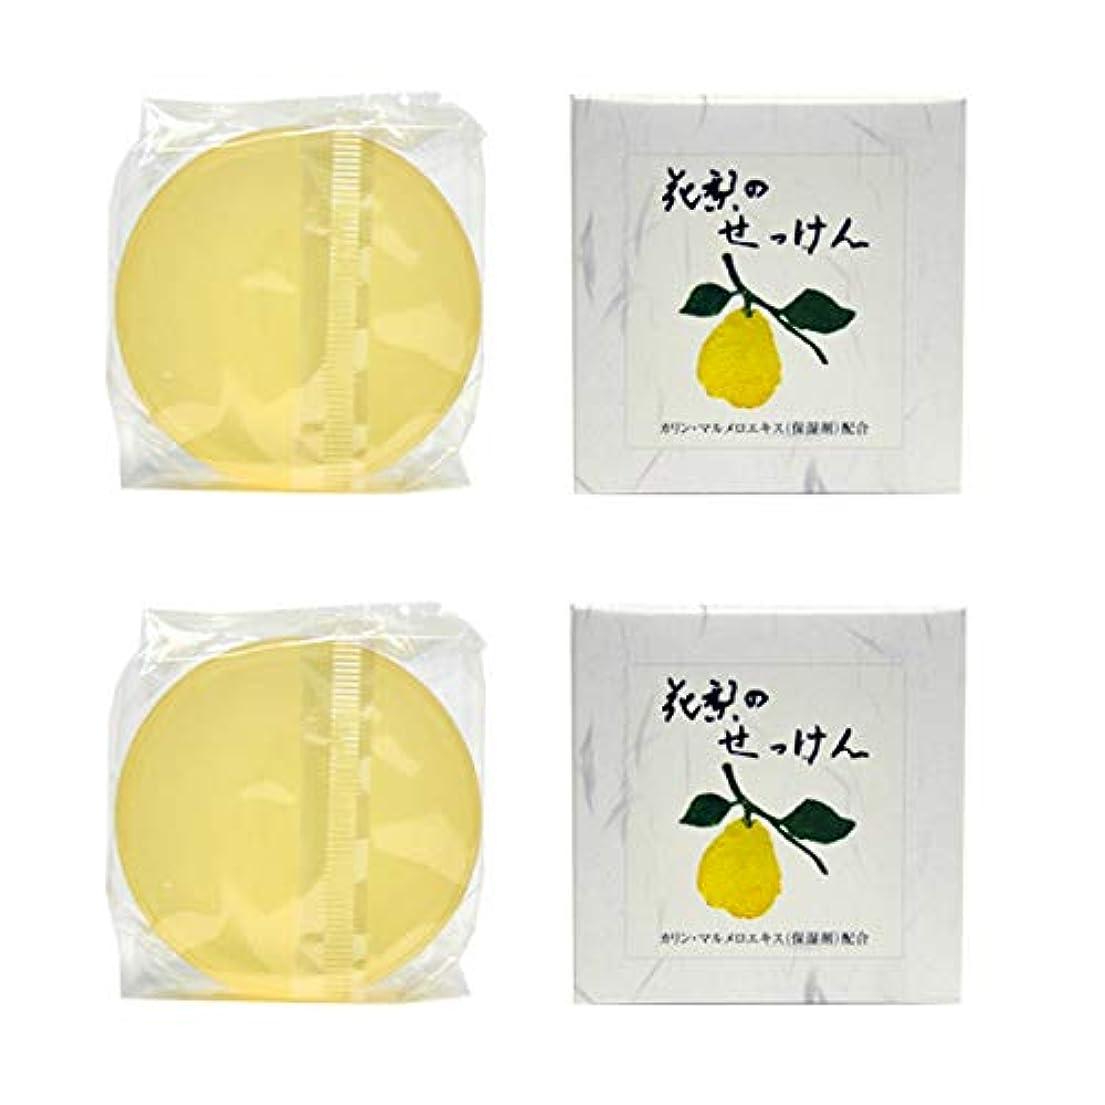 胃服を洗うエッセイ花梨のせっけん 90g 2個セット